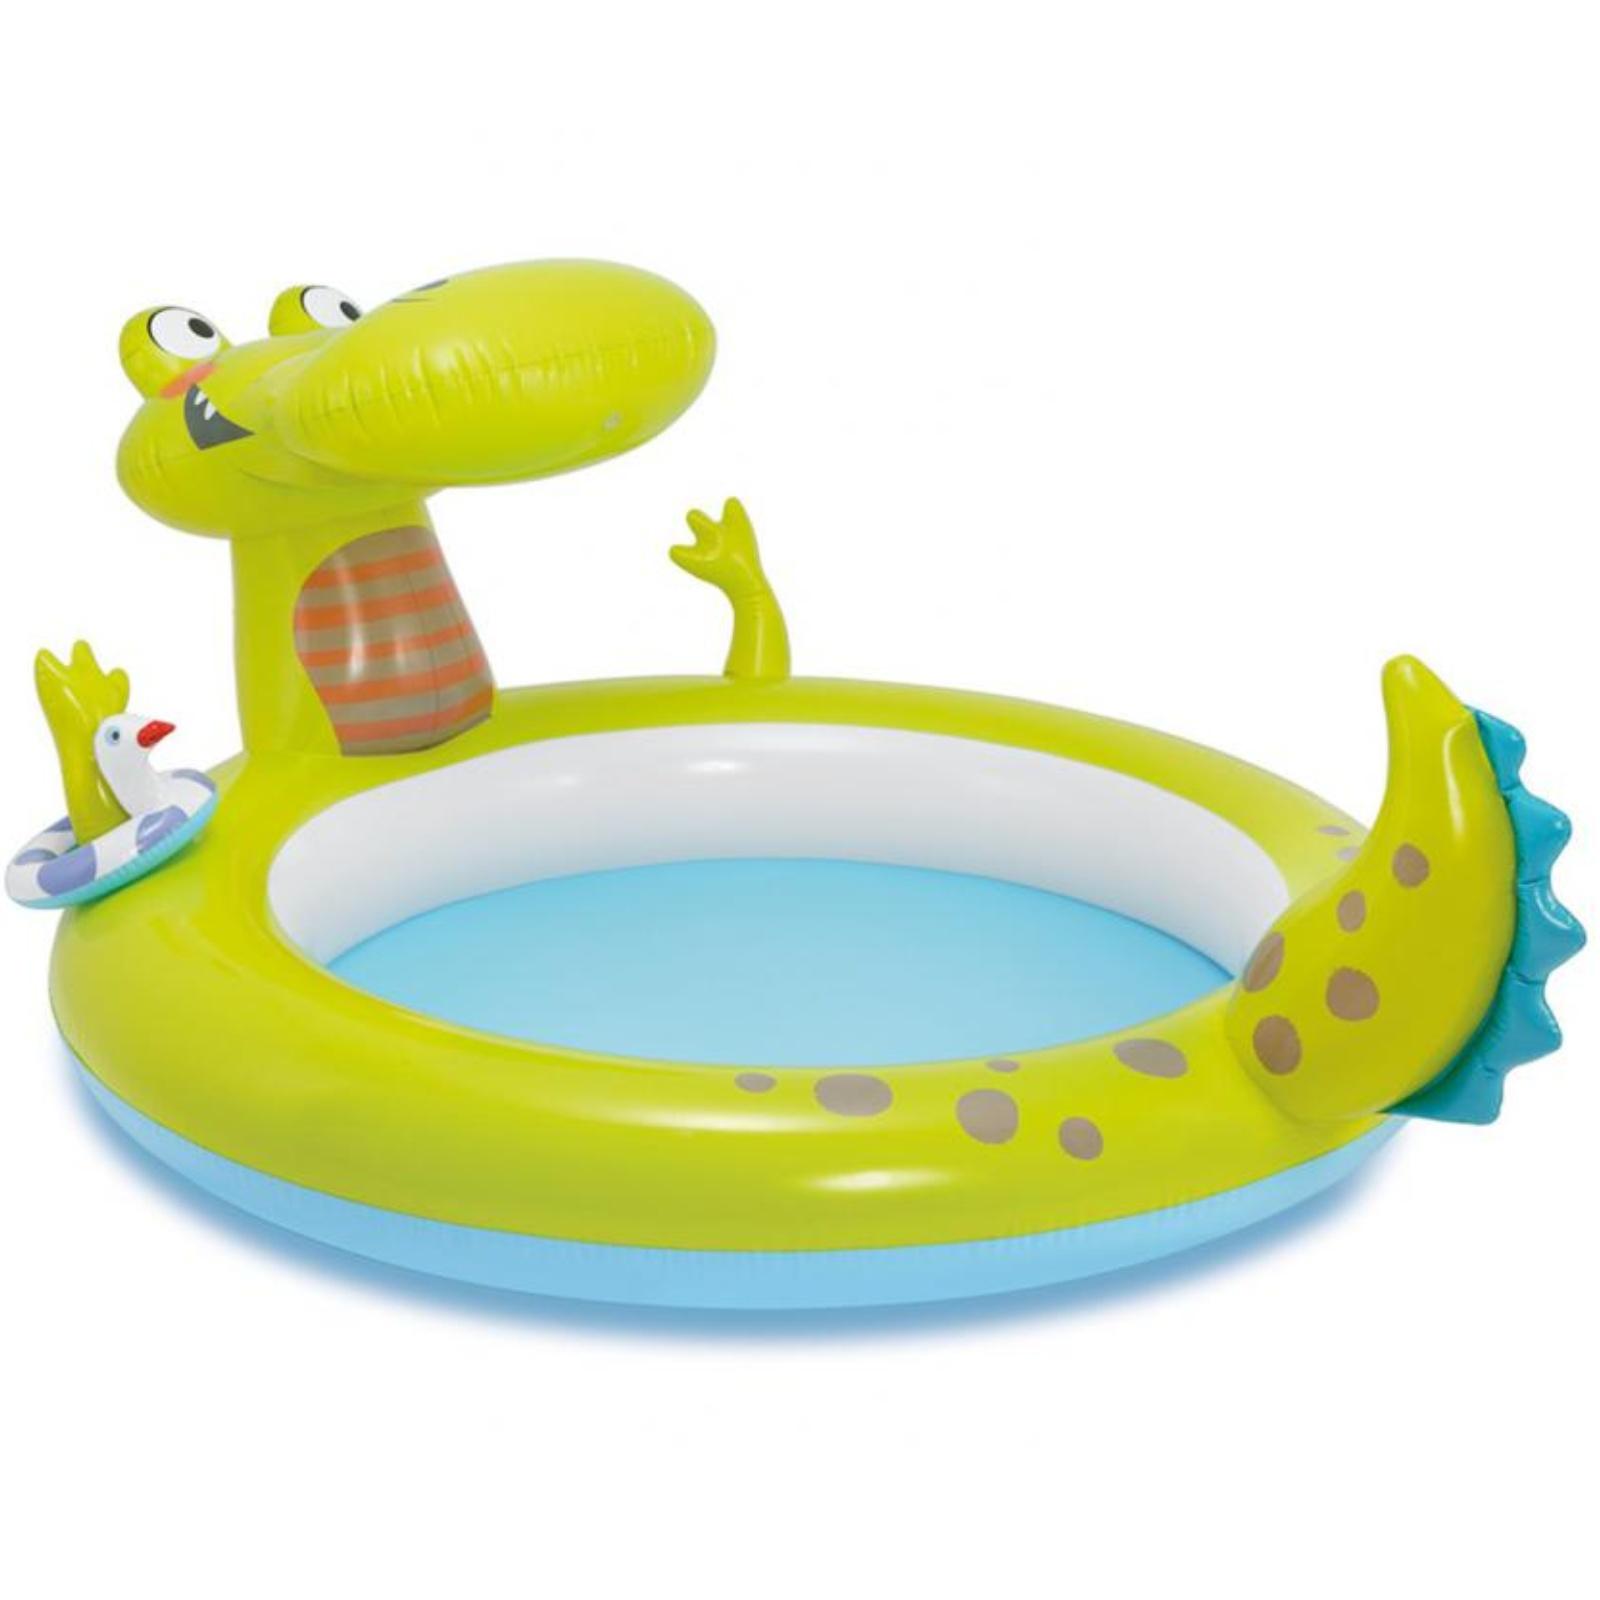 Nafukovací bazén INTEX Gator so sprchou